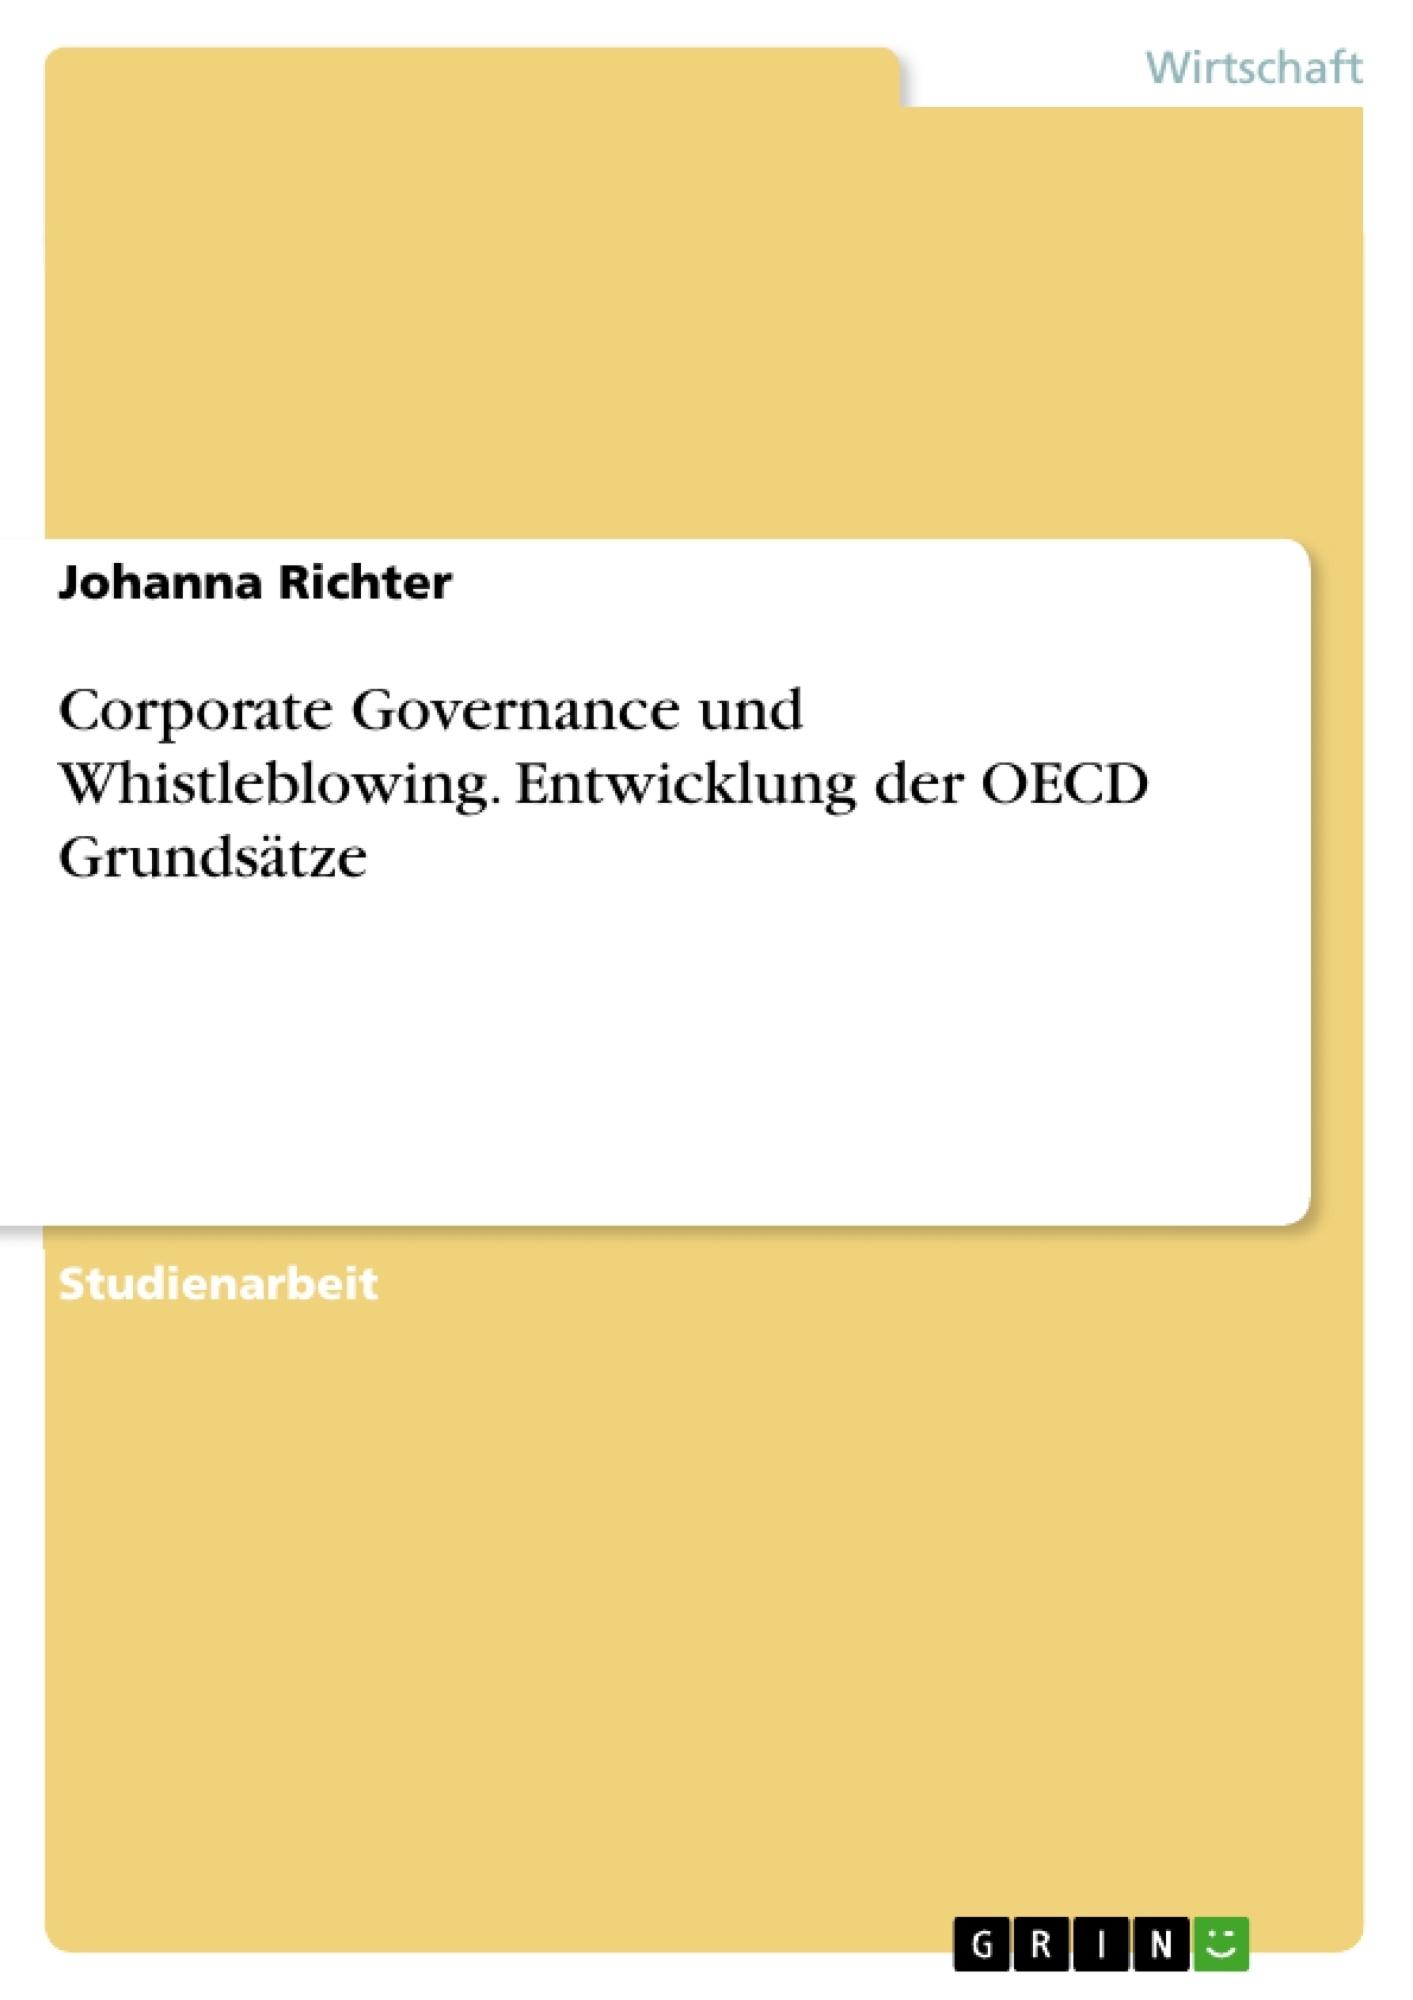 Titel: Corporate Governance und Whistleblowing. Entwicklung der OECD Grundsätze